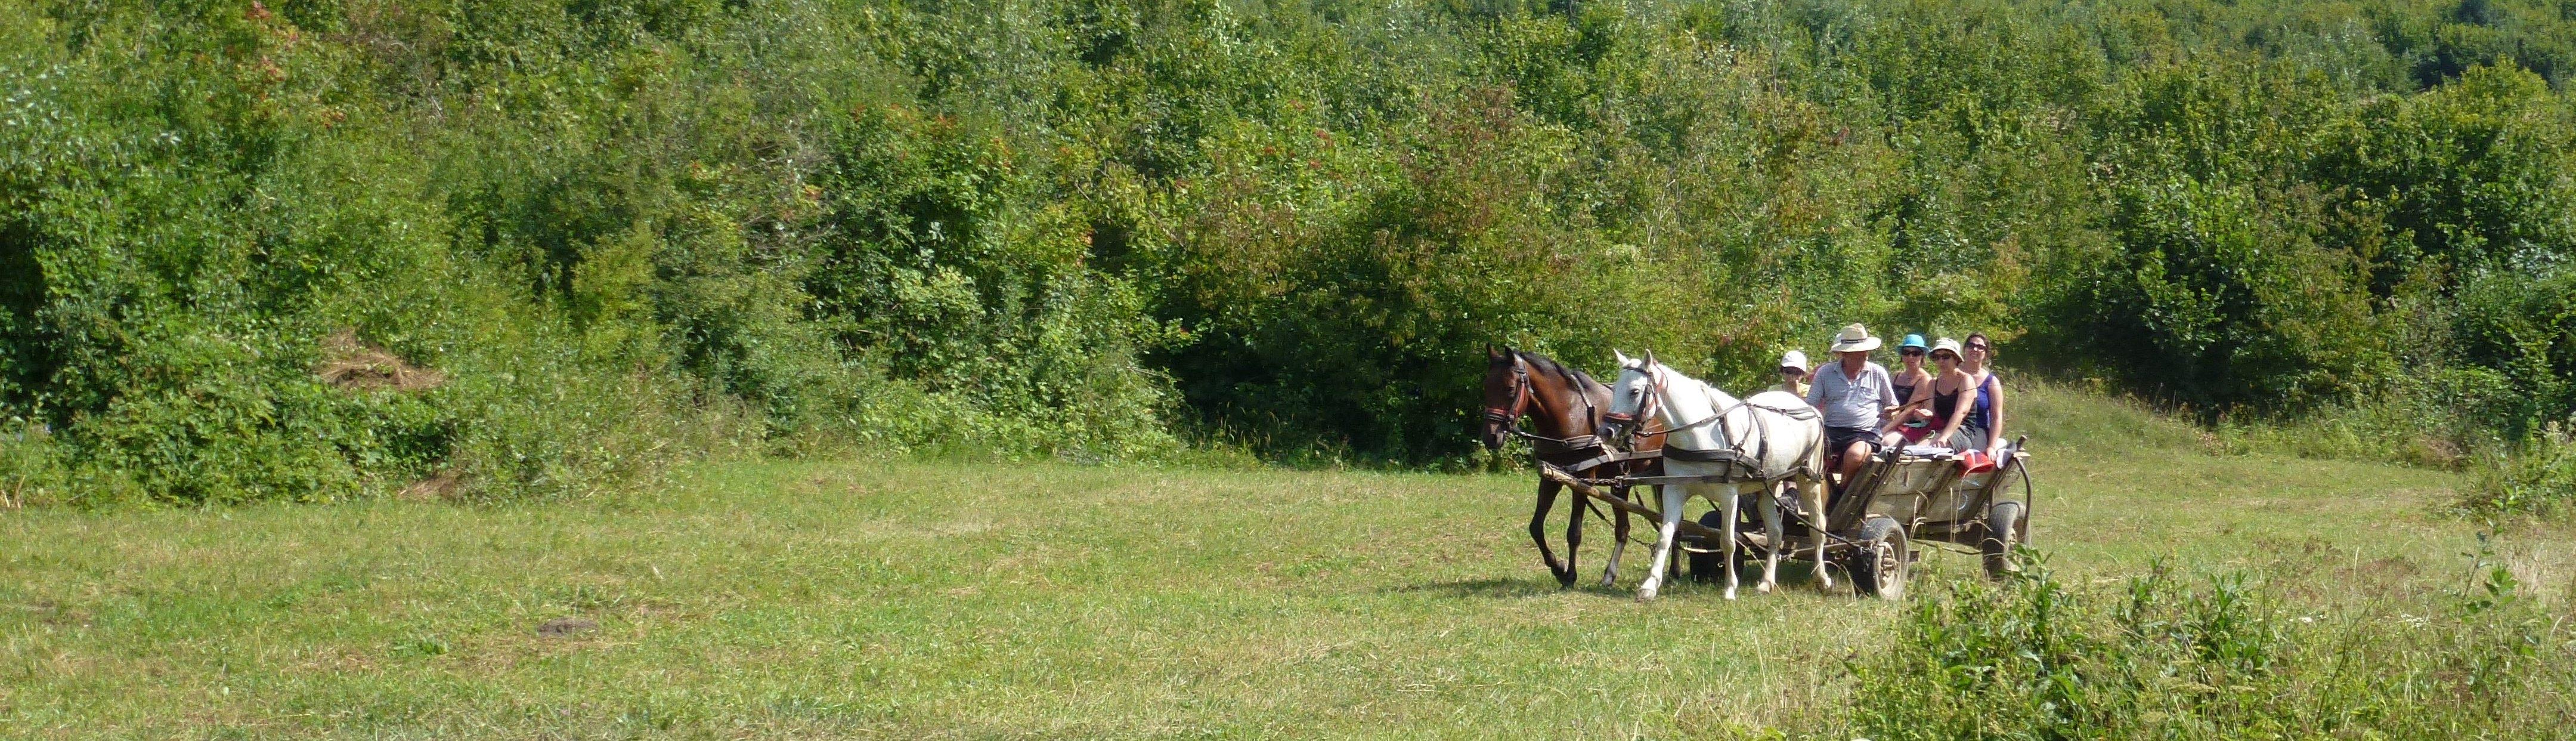 Balade en charette dans la vallée de Pucareni, Carpates, Transylvanie, Roumanie